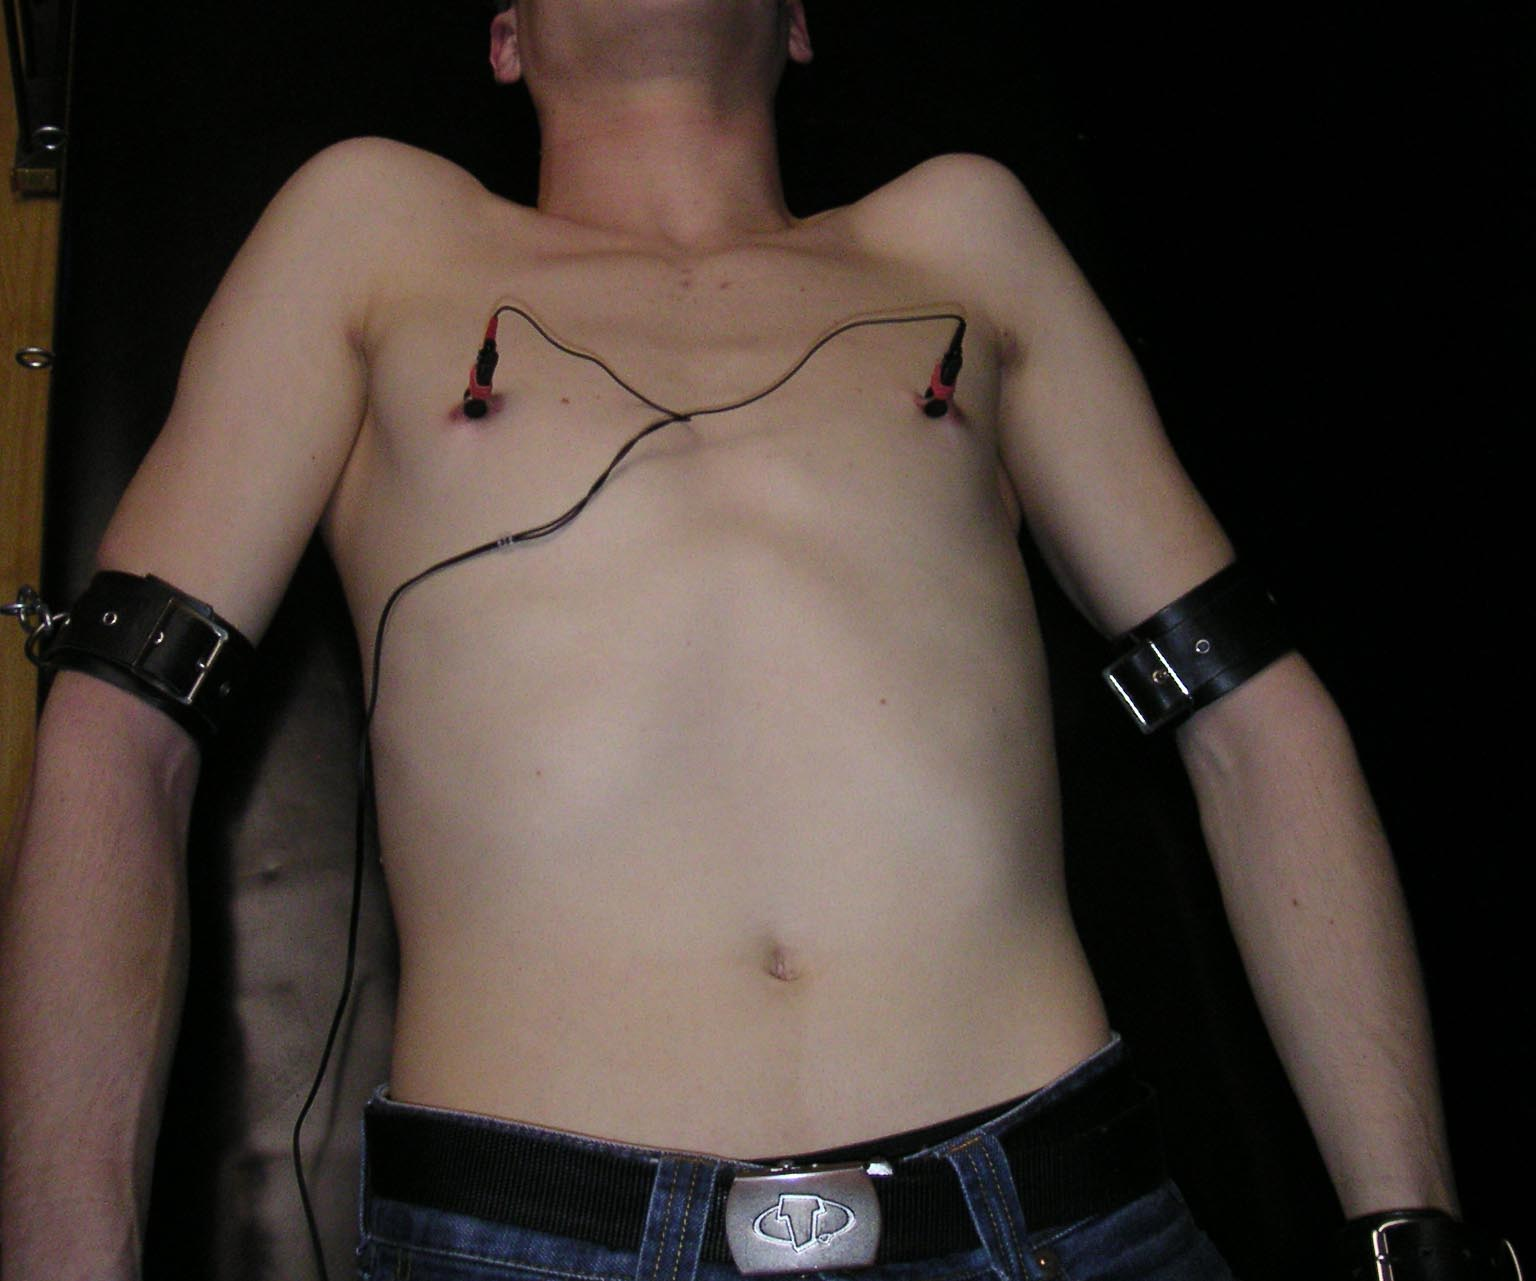 jennifer lewis sex tape